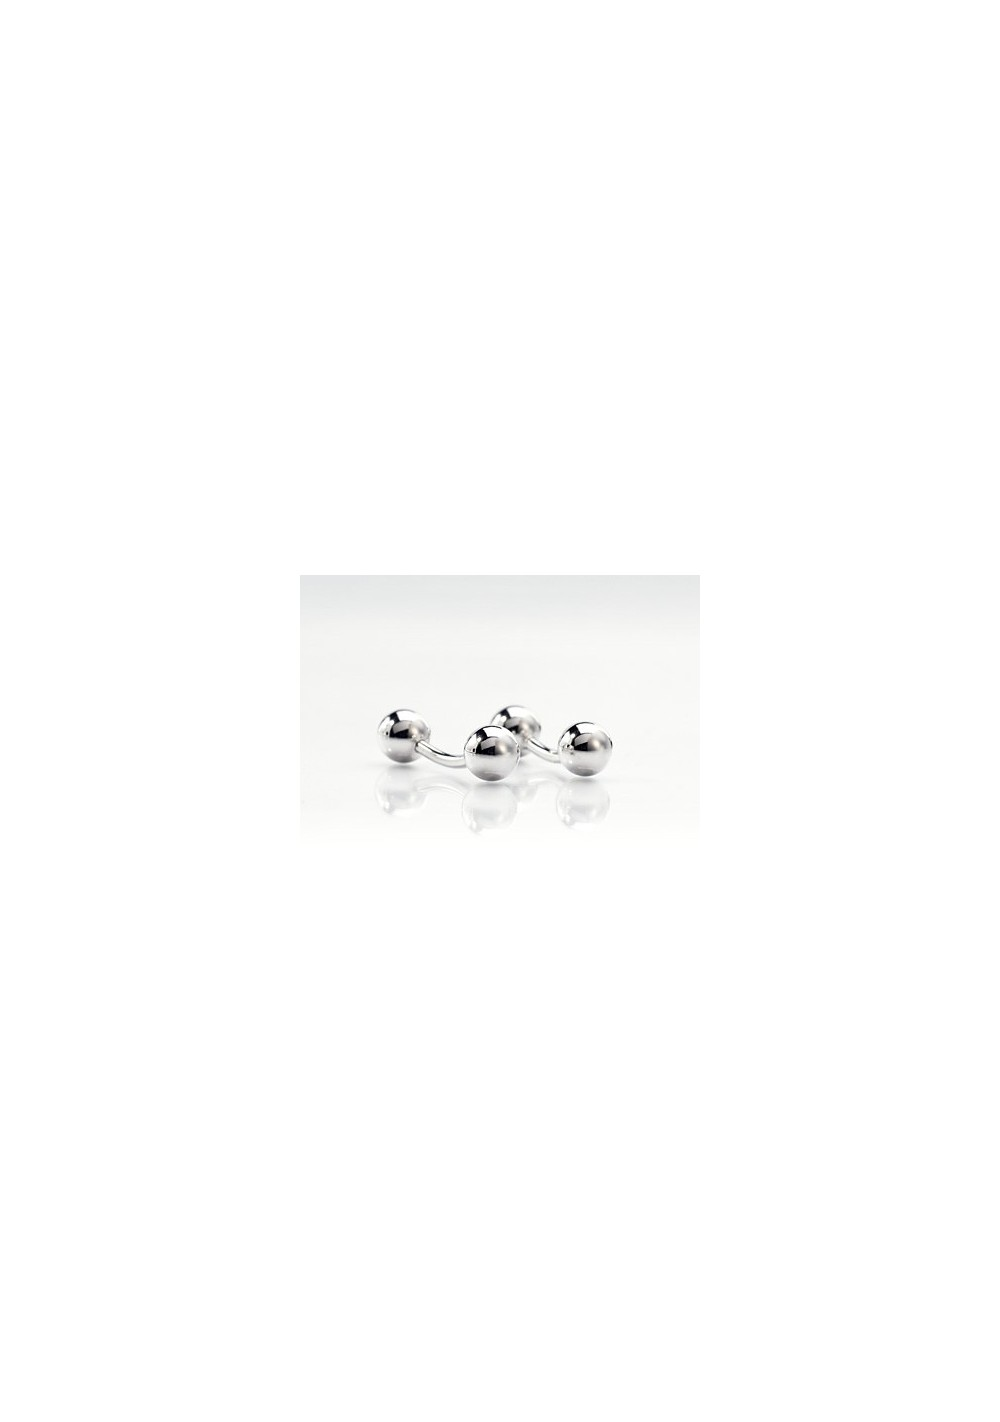 Silver Cufflinks - Designer Cufflinks by Mont Pellier